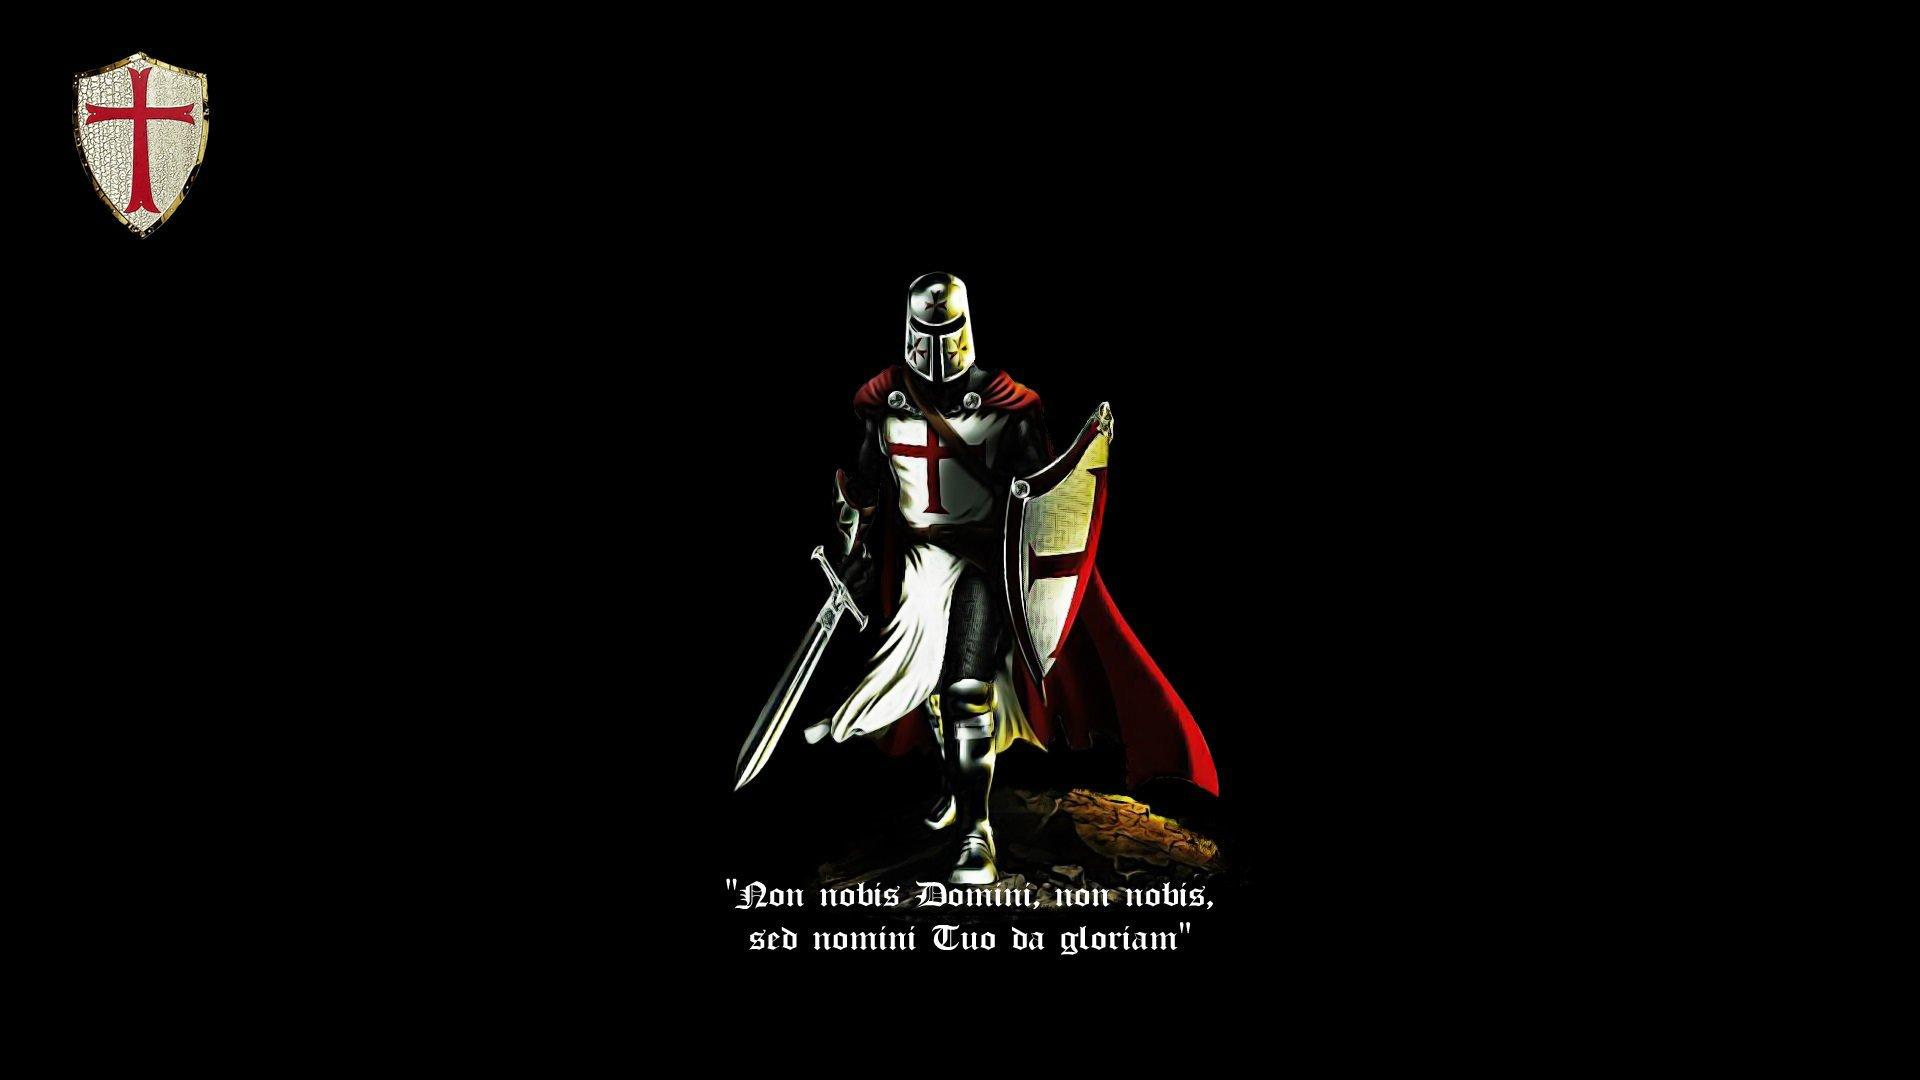 hd wallpapers crusader knights - photo #8